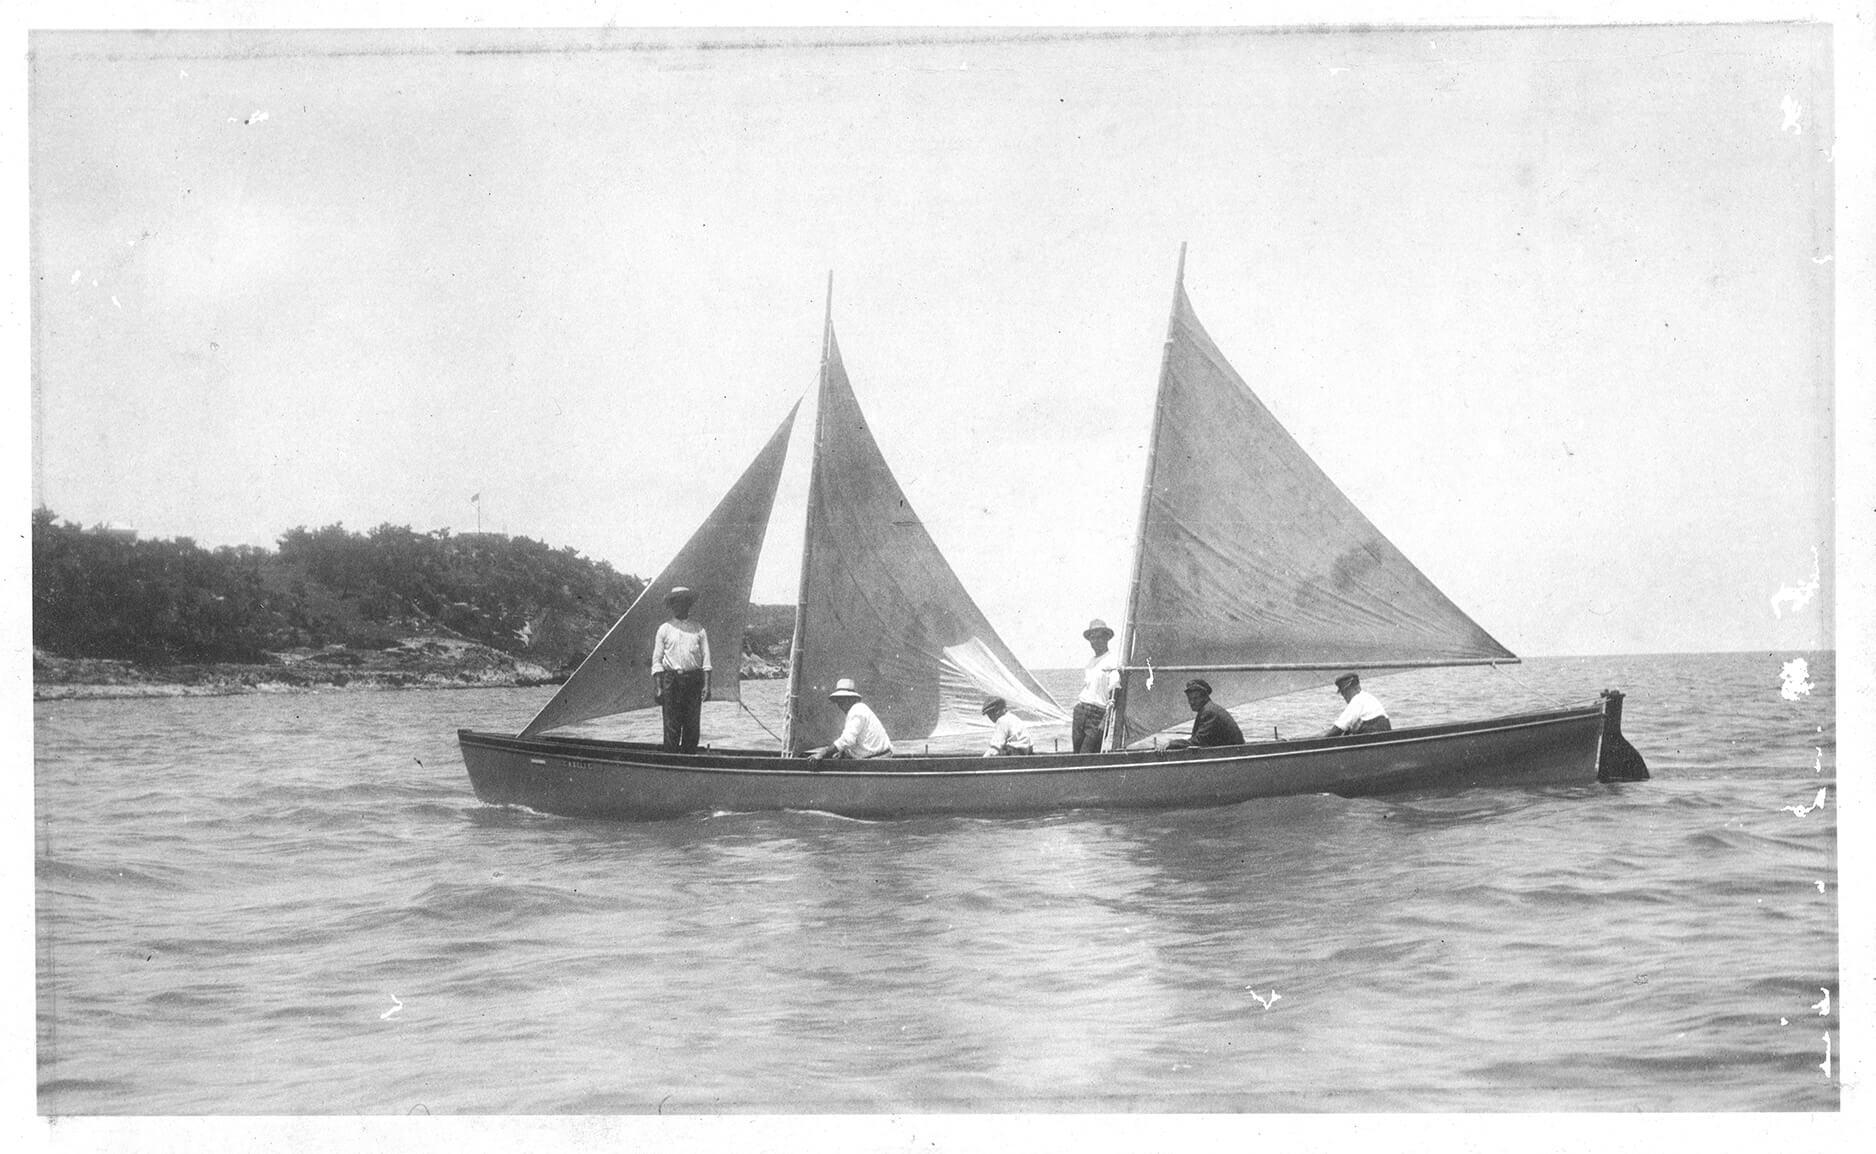 Pilot-gig-c-1920